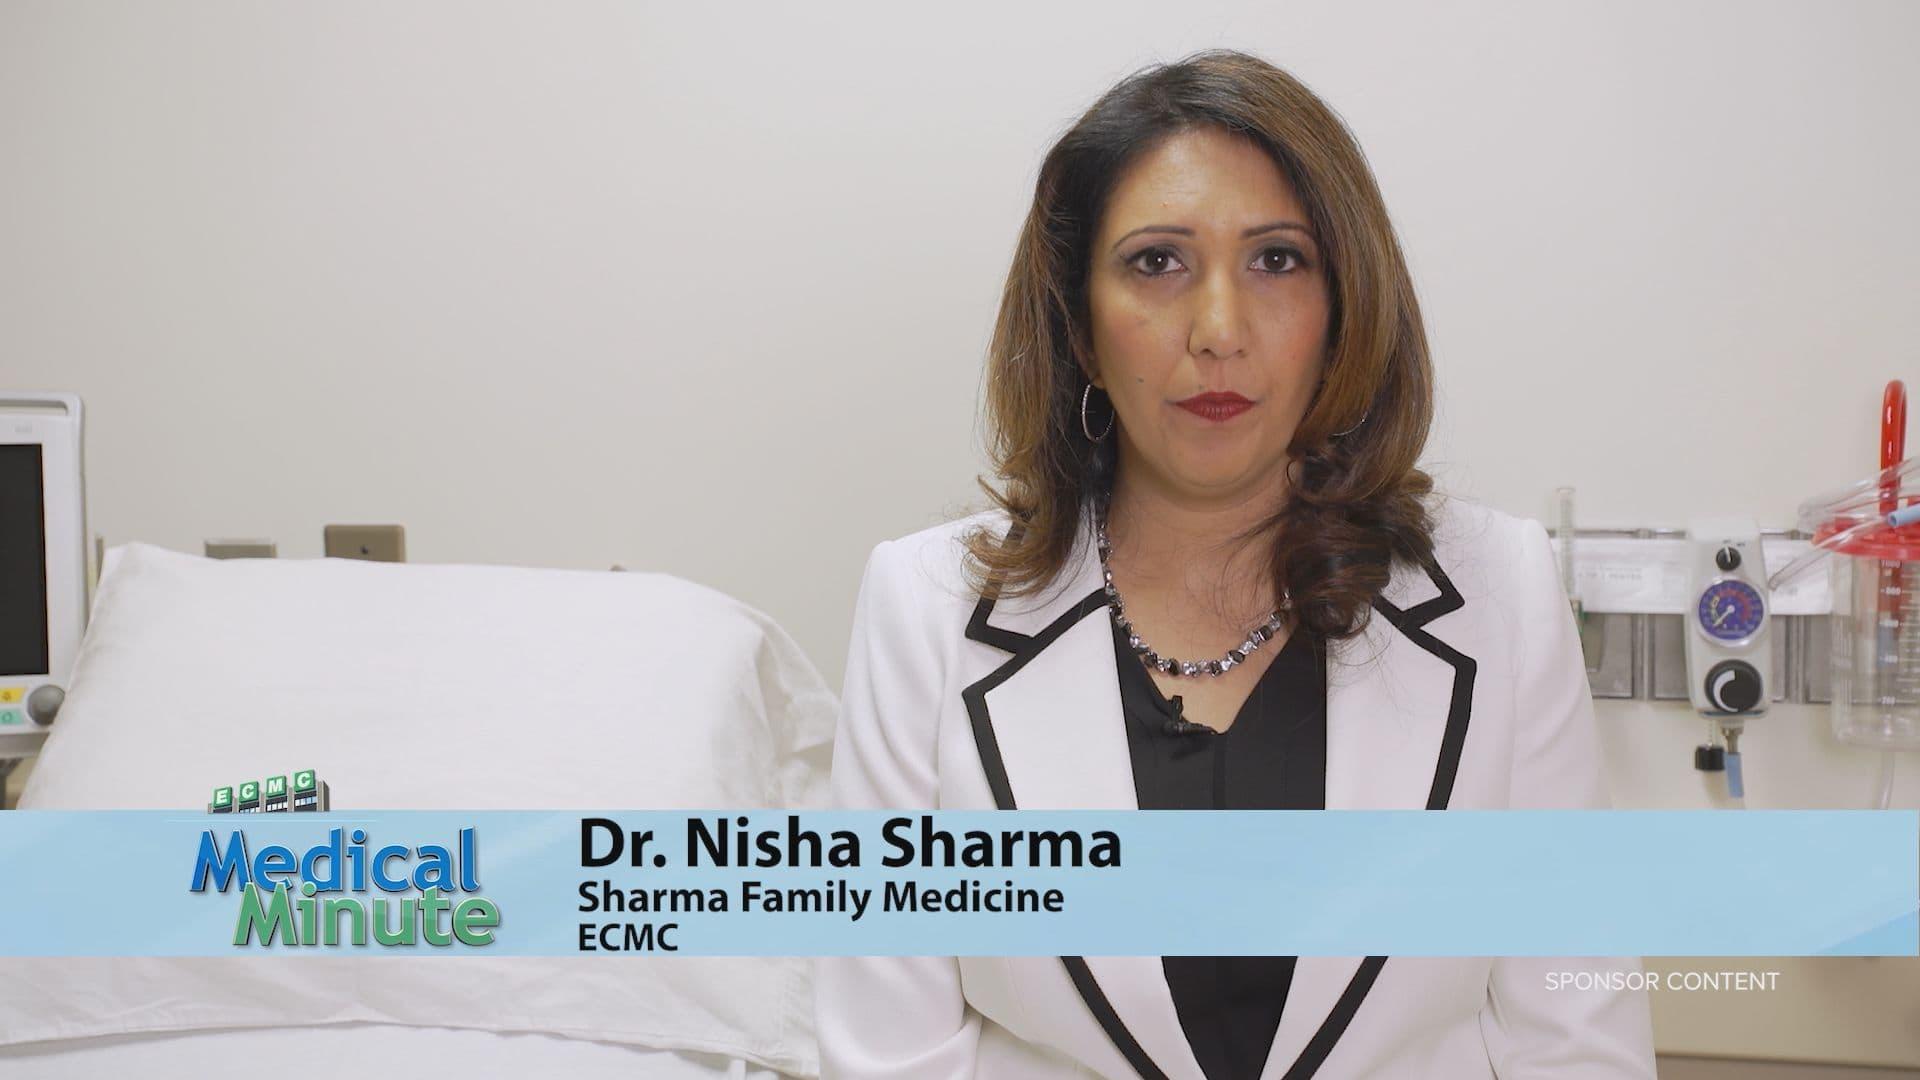 ECMCMedicalMinute Dr.Sharma Stroke 022420 STILL